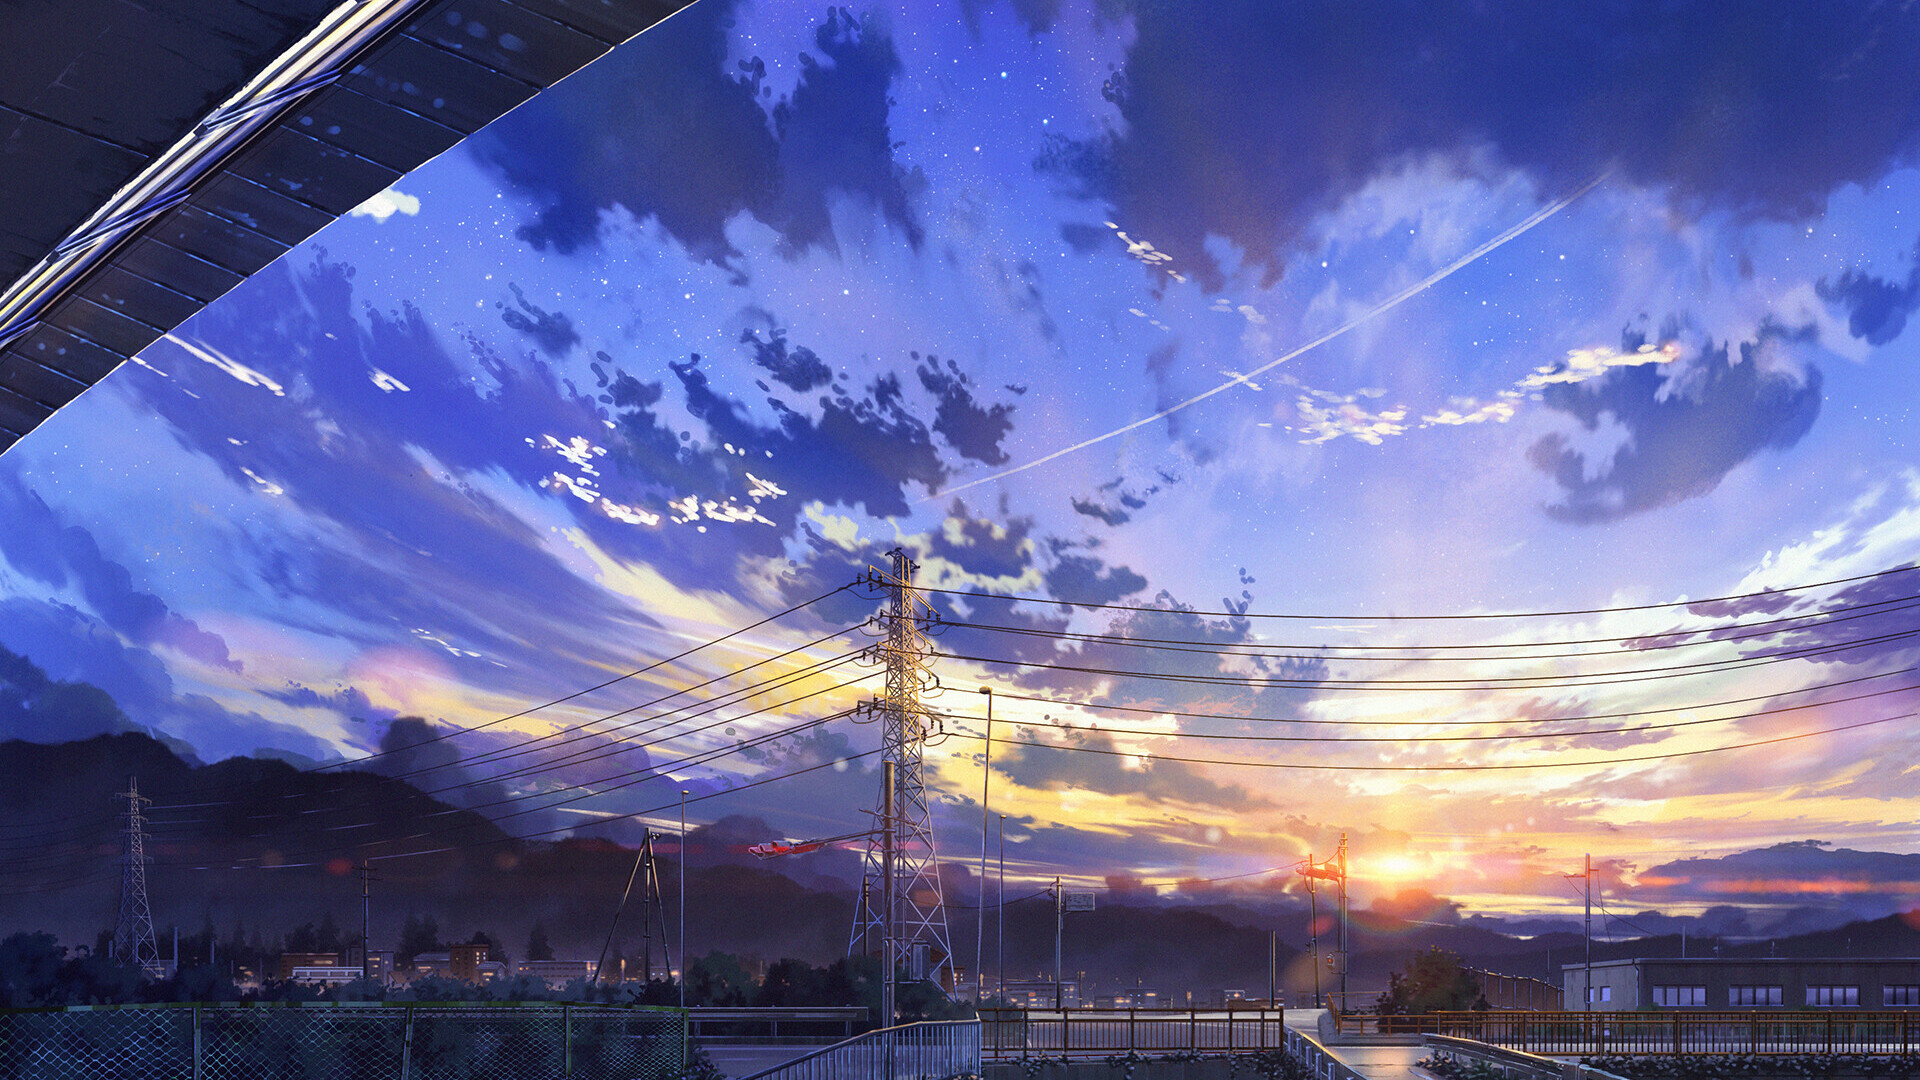 1920x1080 Japan City Digital Art Laptop Full HD 1080P HD ...